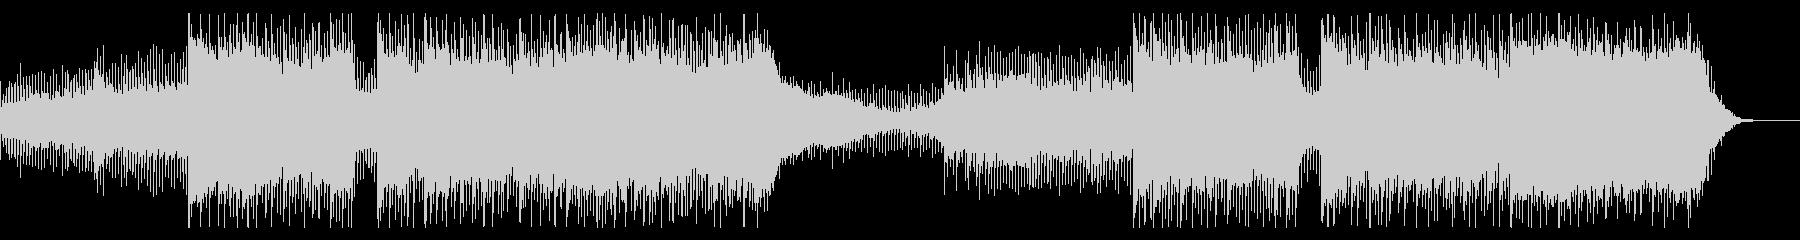 プロモーション、イントロ、ショーリール、の未再生の波形